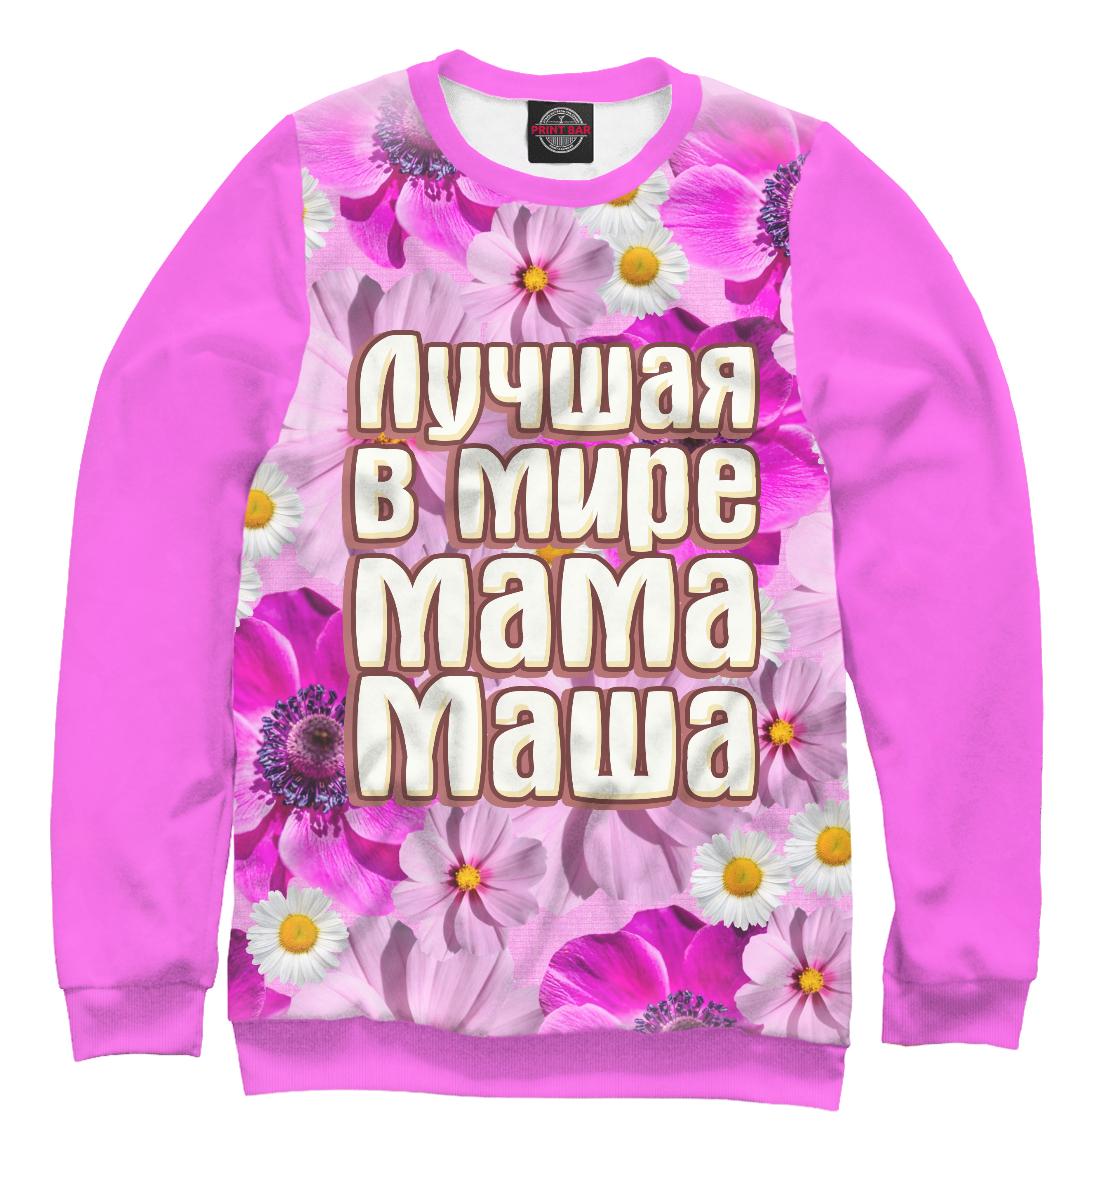 Купить Лучшая в мире мама Маша, Printbar, Свитшоты, MAR-207723-swi